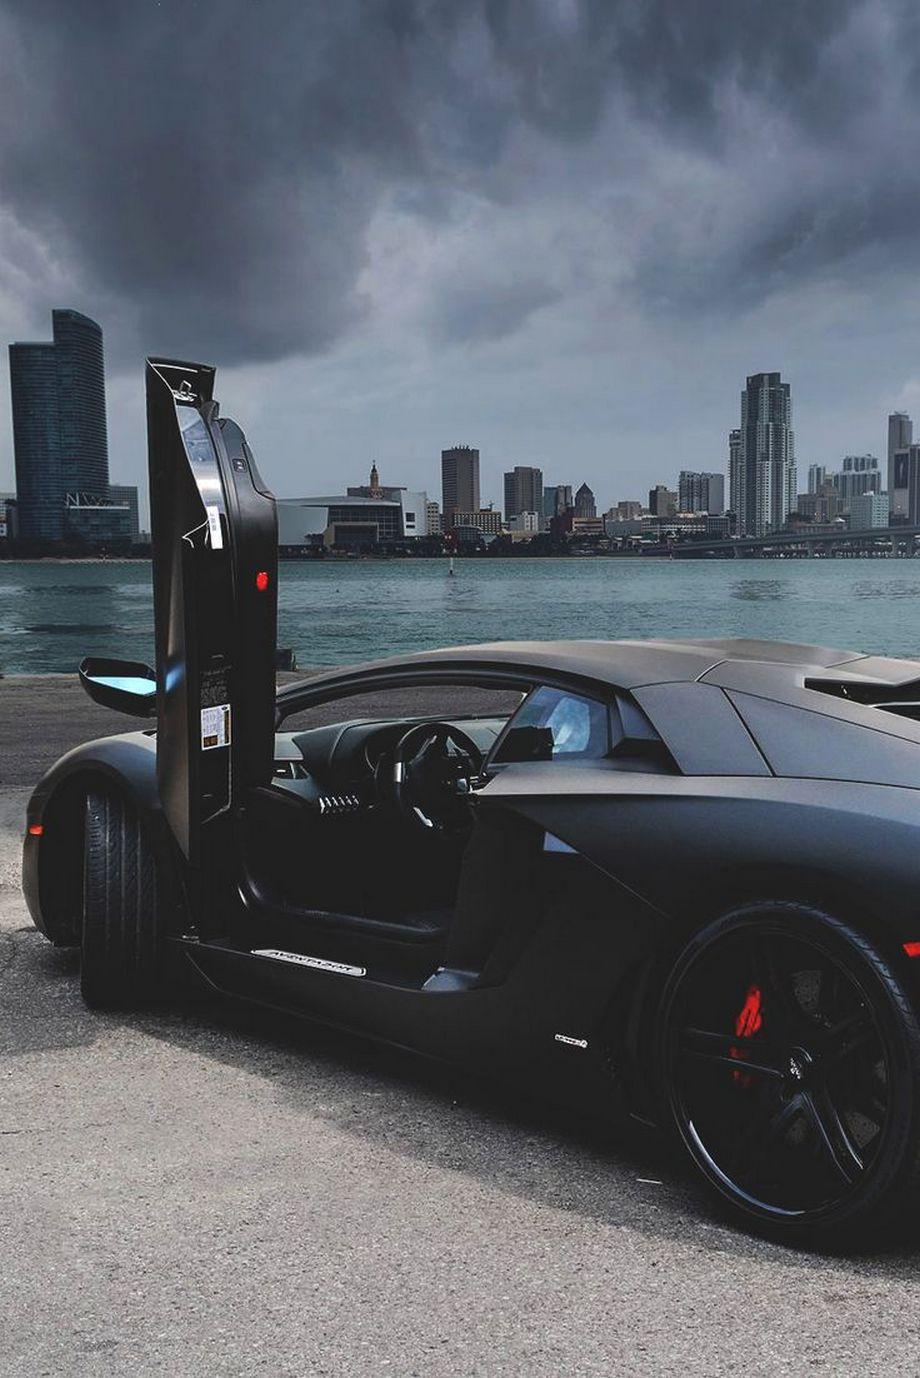 Lamborghini Aventador Cars Wallpapers Mobile Hd Wallpapers